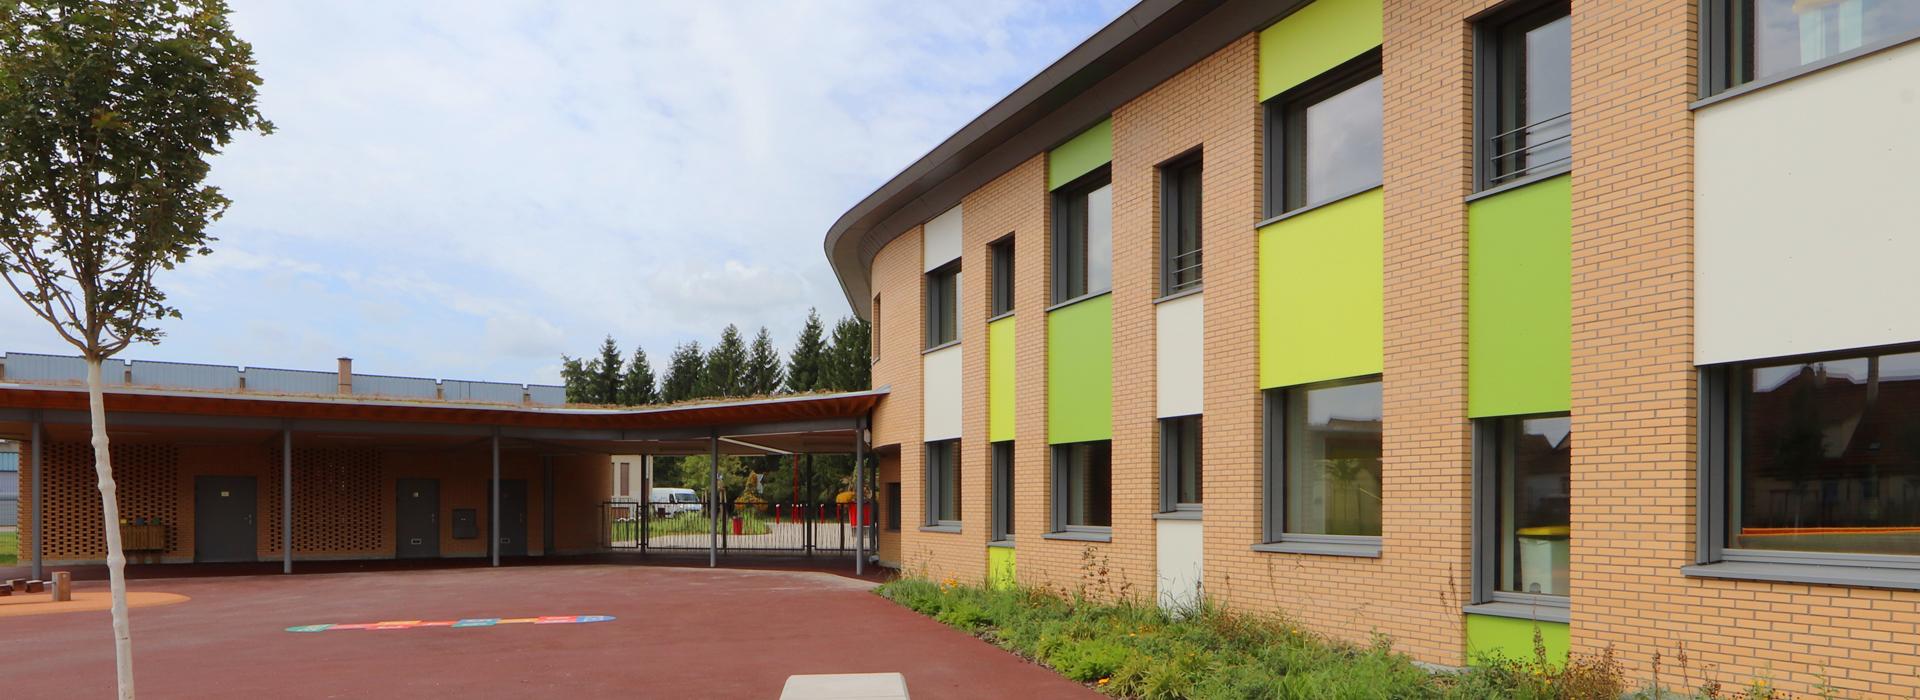 façade Sud École élémentaire Plobsheim